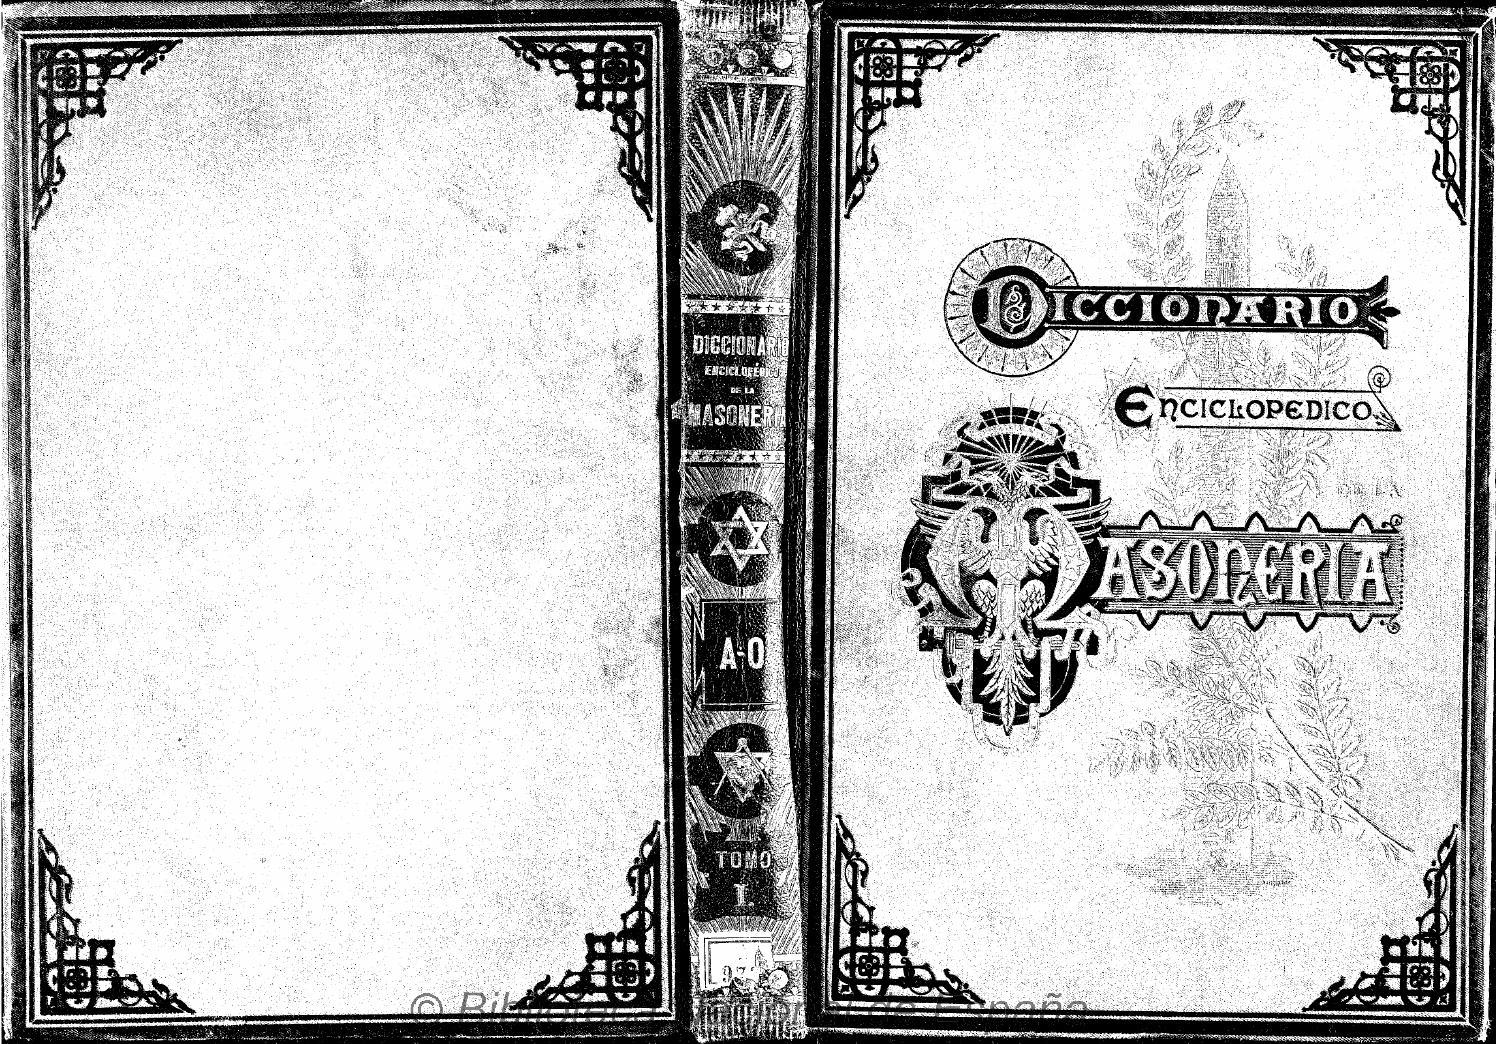 Diccionario Enciclopedico Masoneria Tomo 1 By Ricardo